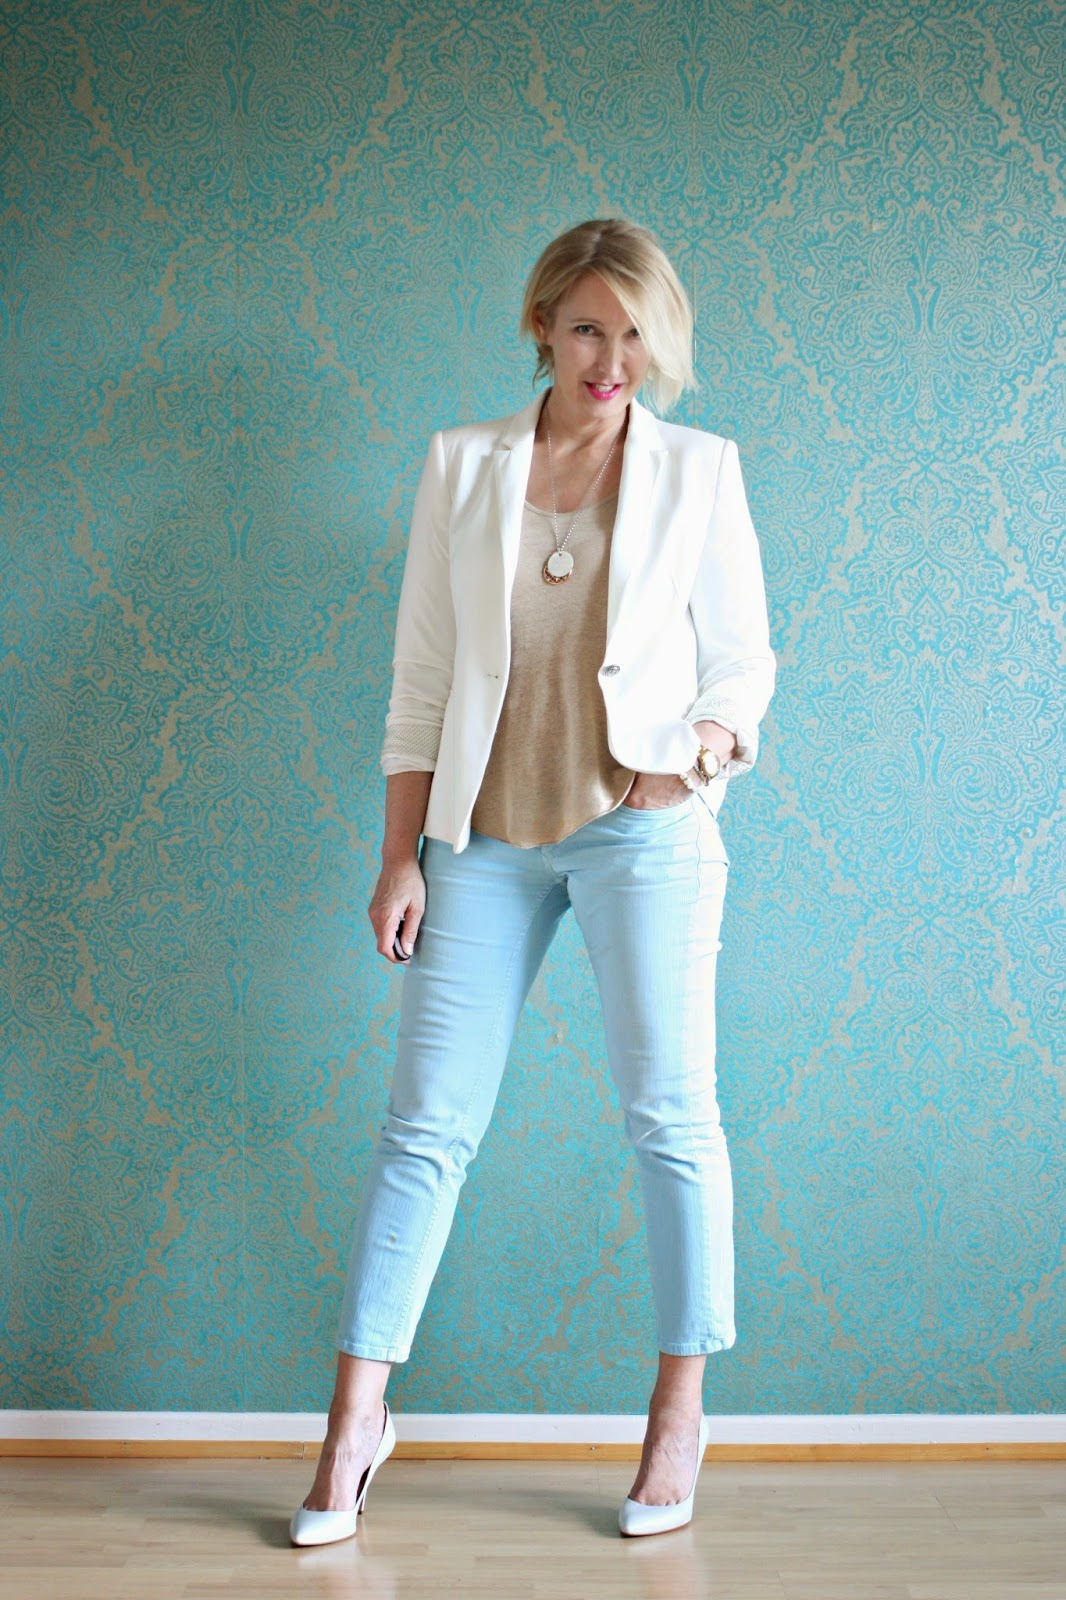 Büro-Outfit mit weißem Blazer